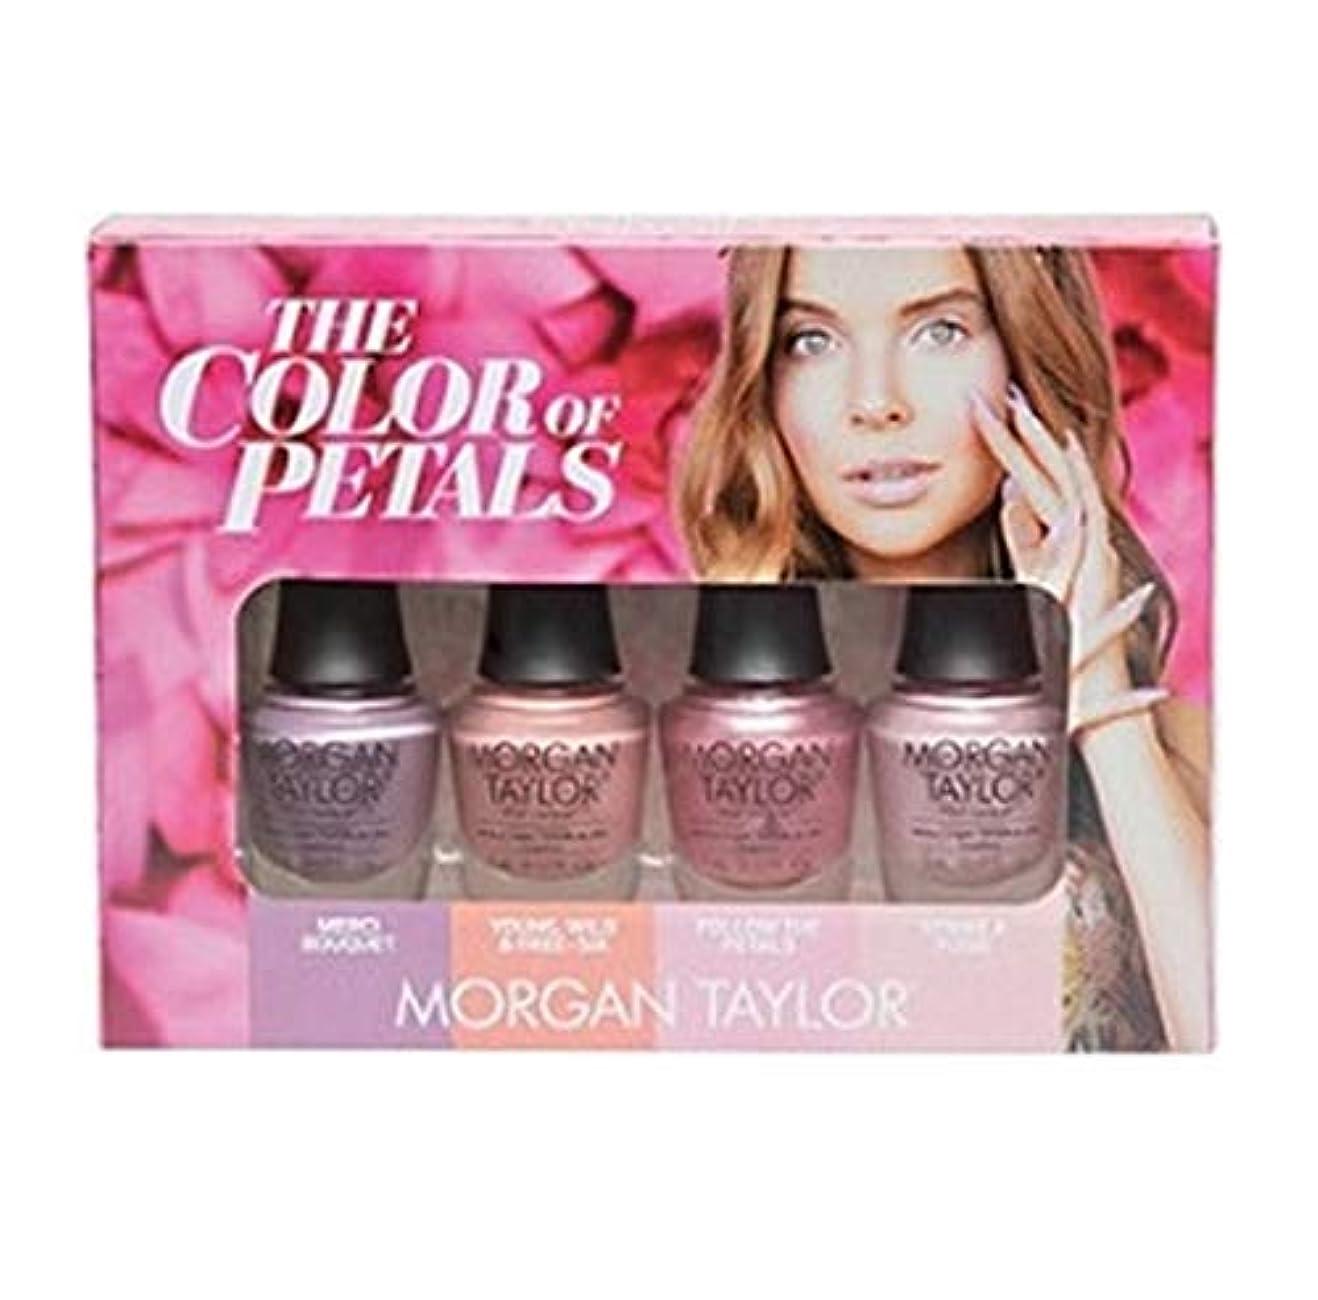 明快三十椅子Morgan Taylor - The Color Of Petals Collection - Mini 4 pk - 5 mL / 0.17 oz Each